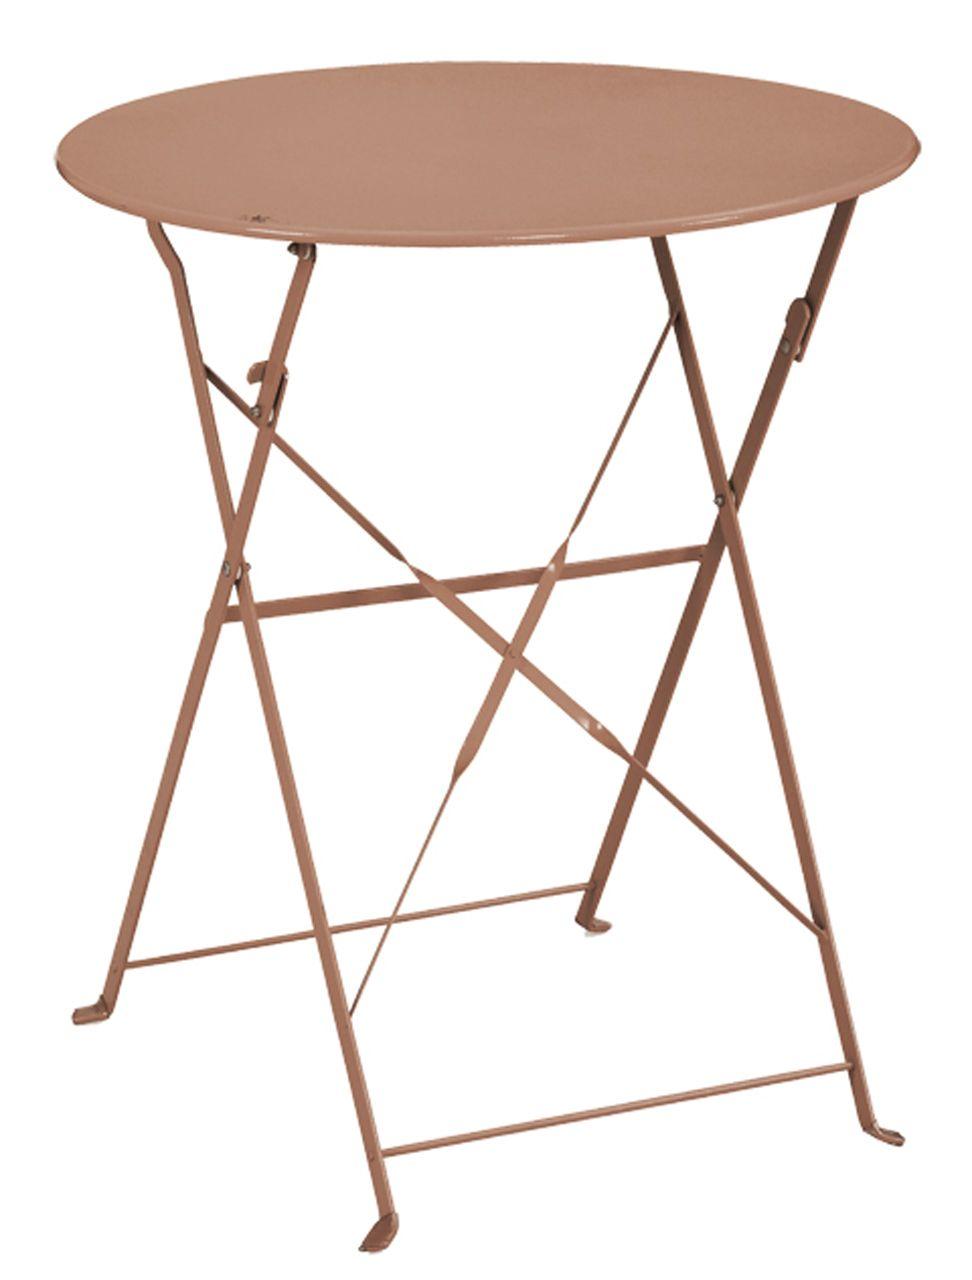 Ensemble de jardin diana 1 table 2 chaises for Table ronde jardin pas cher